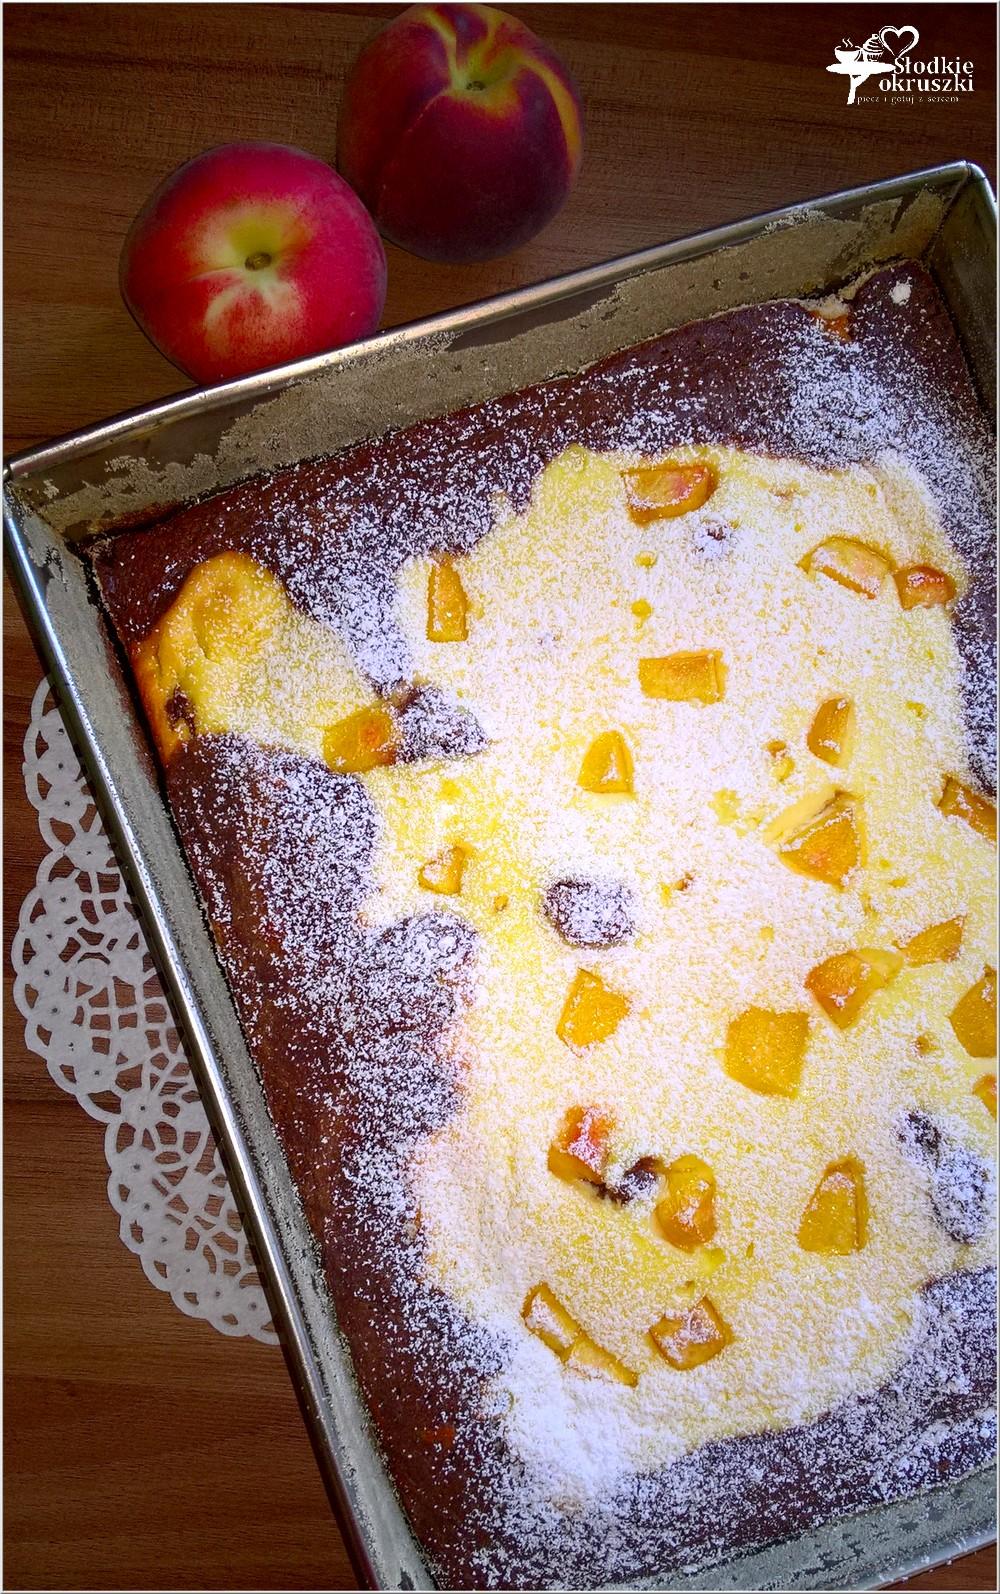 Sernik z brzoskwiniami w czekoladowym cieście (5)